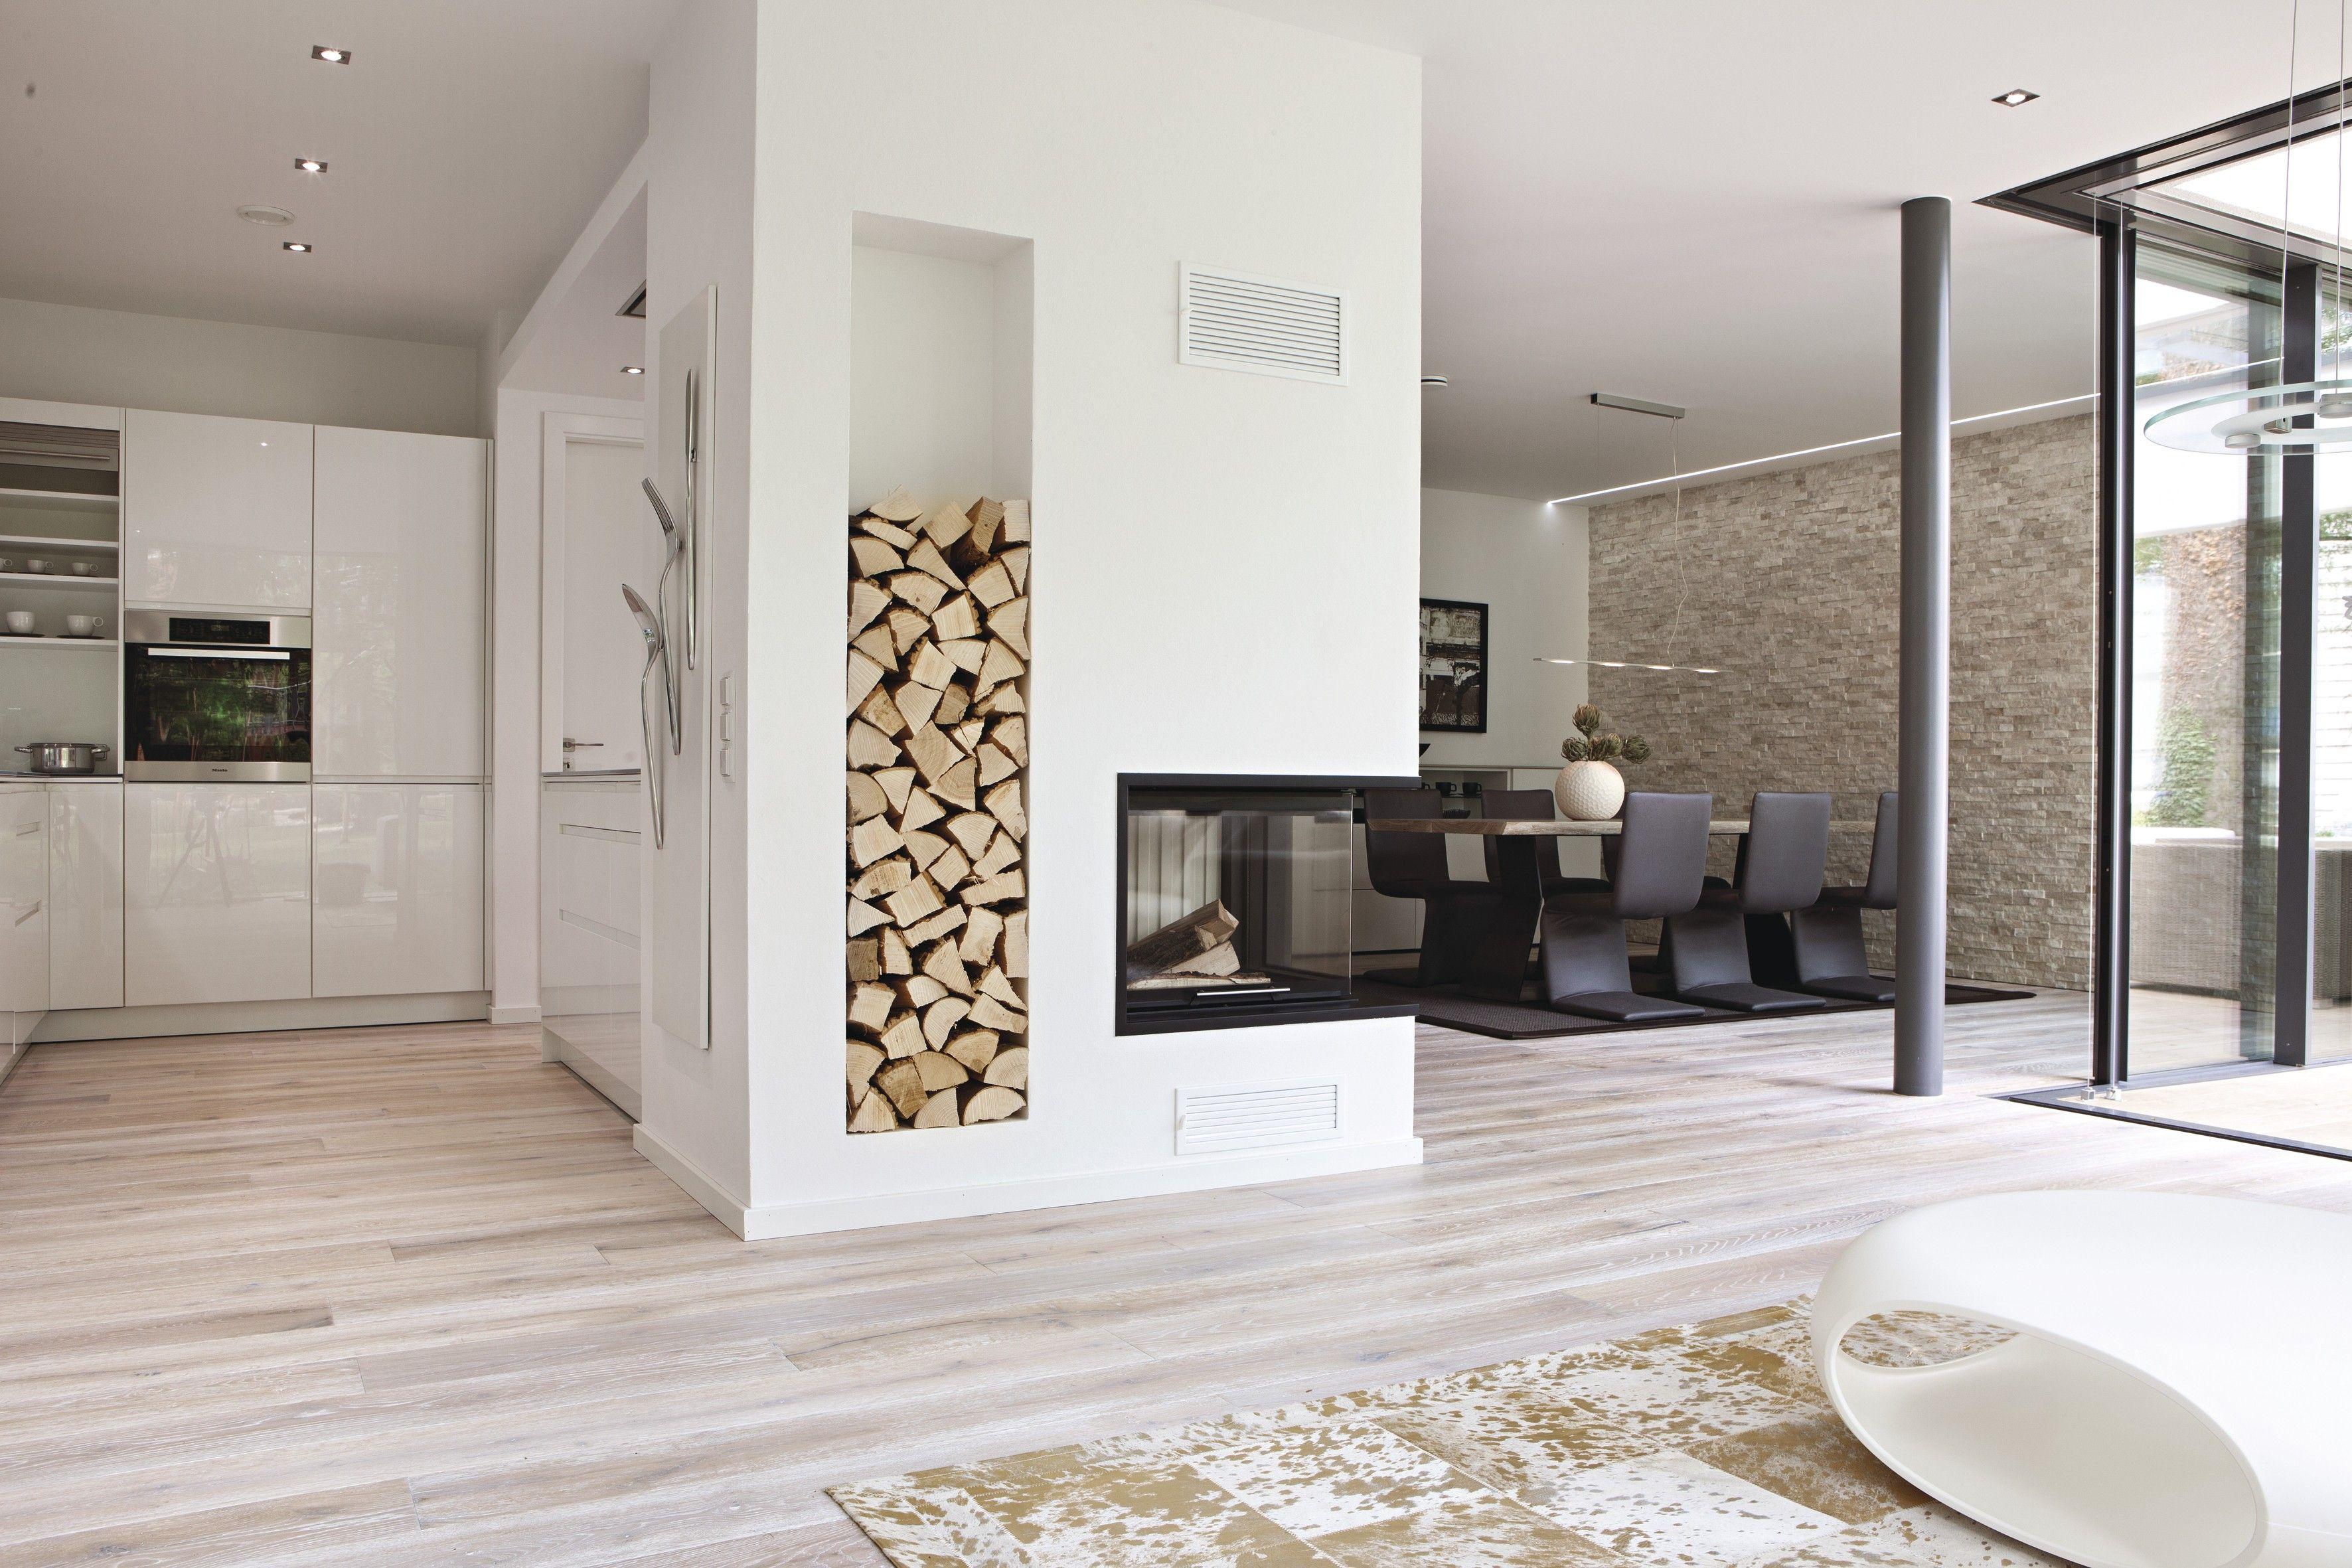 Kamin als Trennung von Küche und Esszimmer Architektur Pinterest Trennung, Küche und